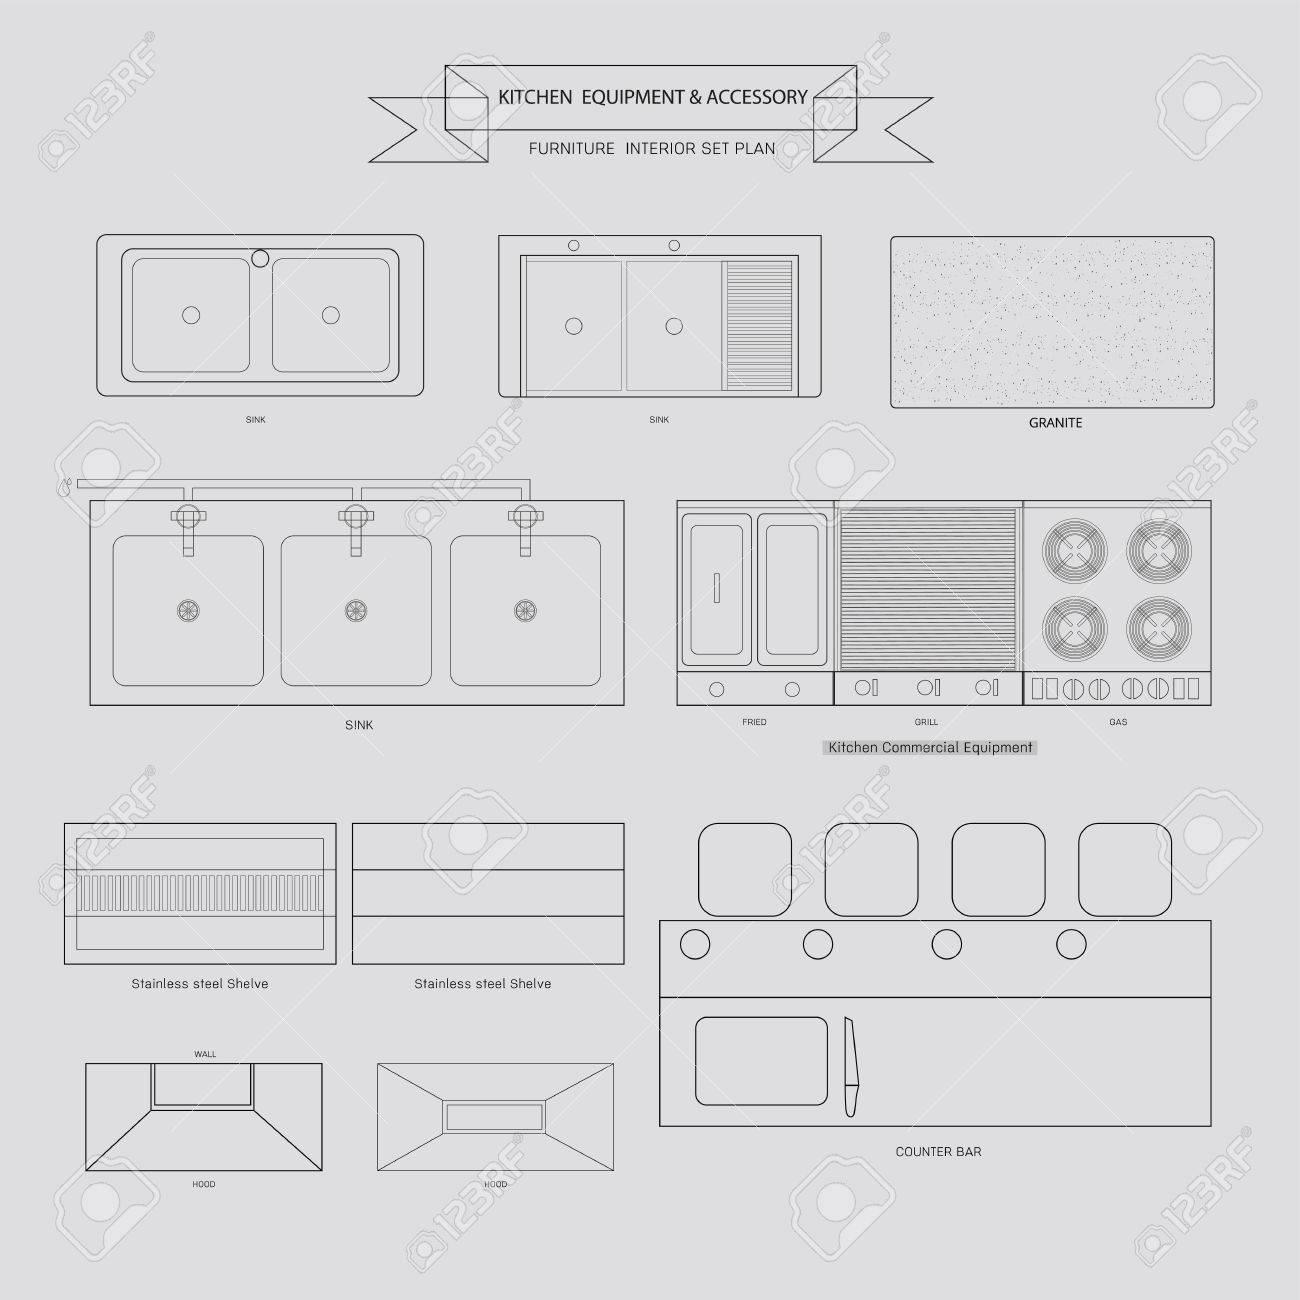 Quipement De Cuisine Et De Meubles Accessoire Outline Icone Vue De Dessus Pour Le Plan Interieur